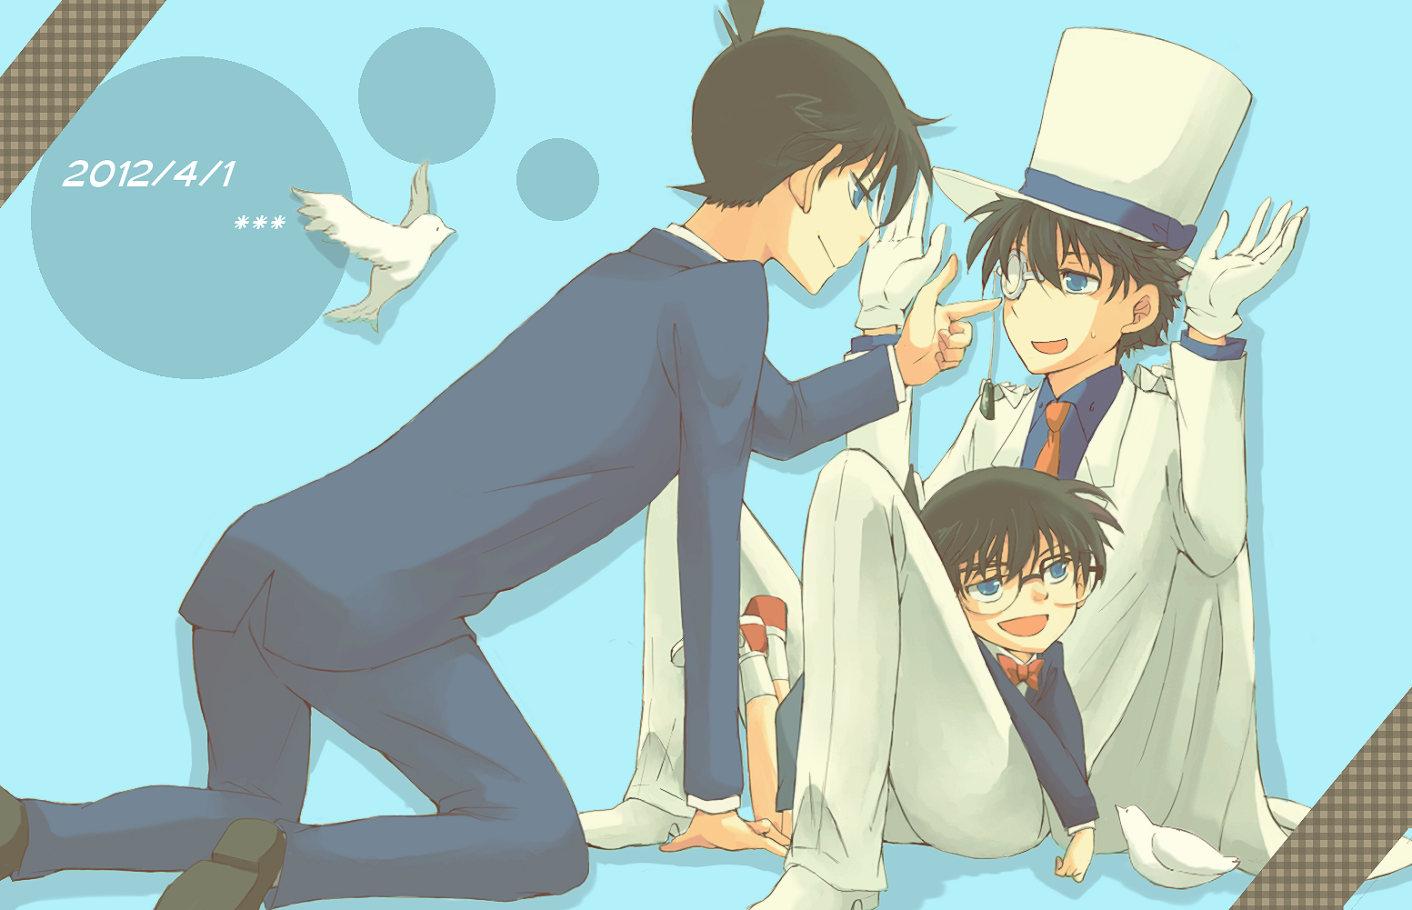 صور الأنمي Conan Detective* ليست قديمهـ بل جديدهـ {{ مجهودي }} 1261009.jpg